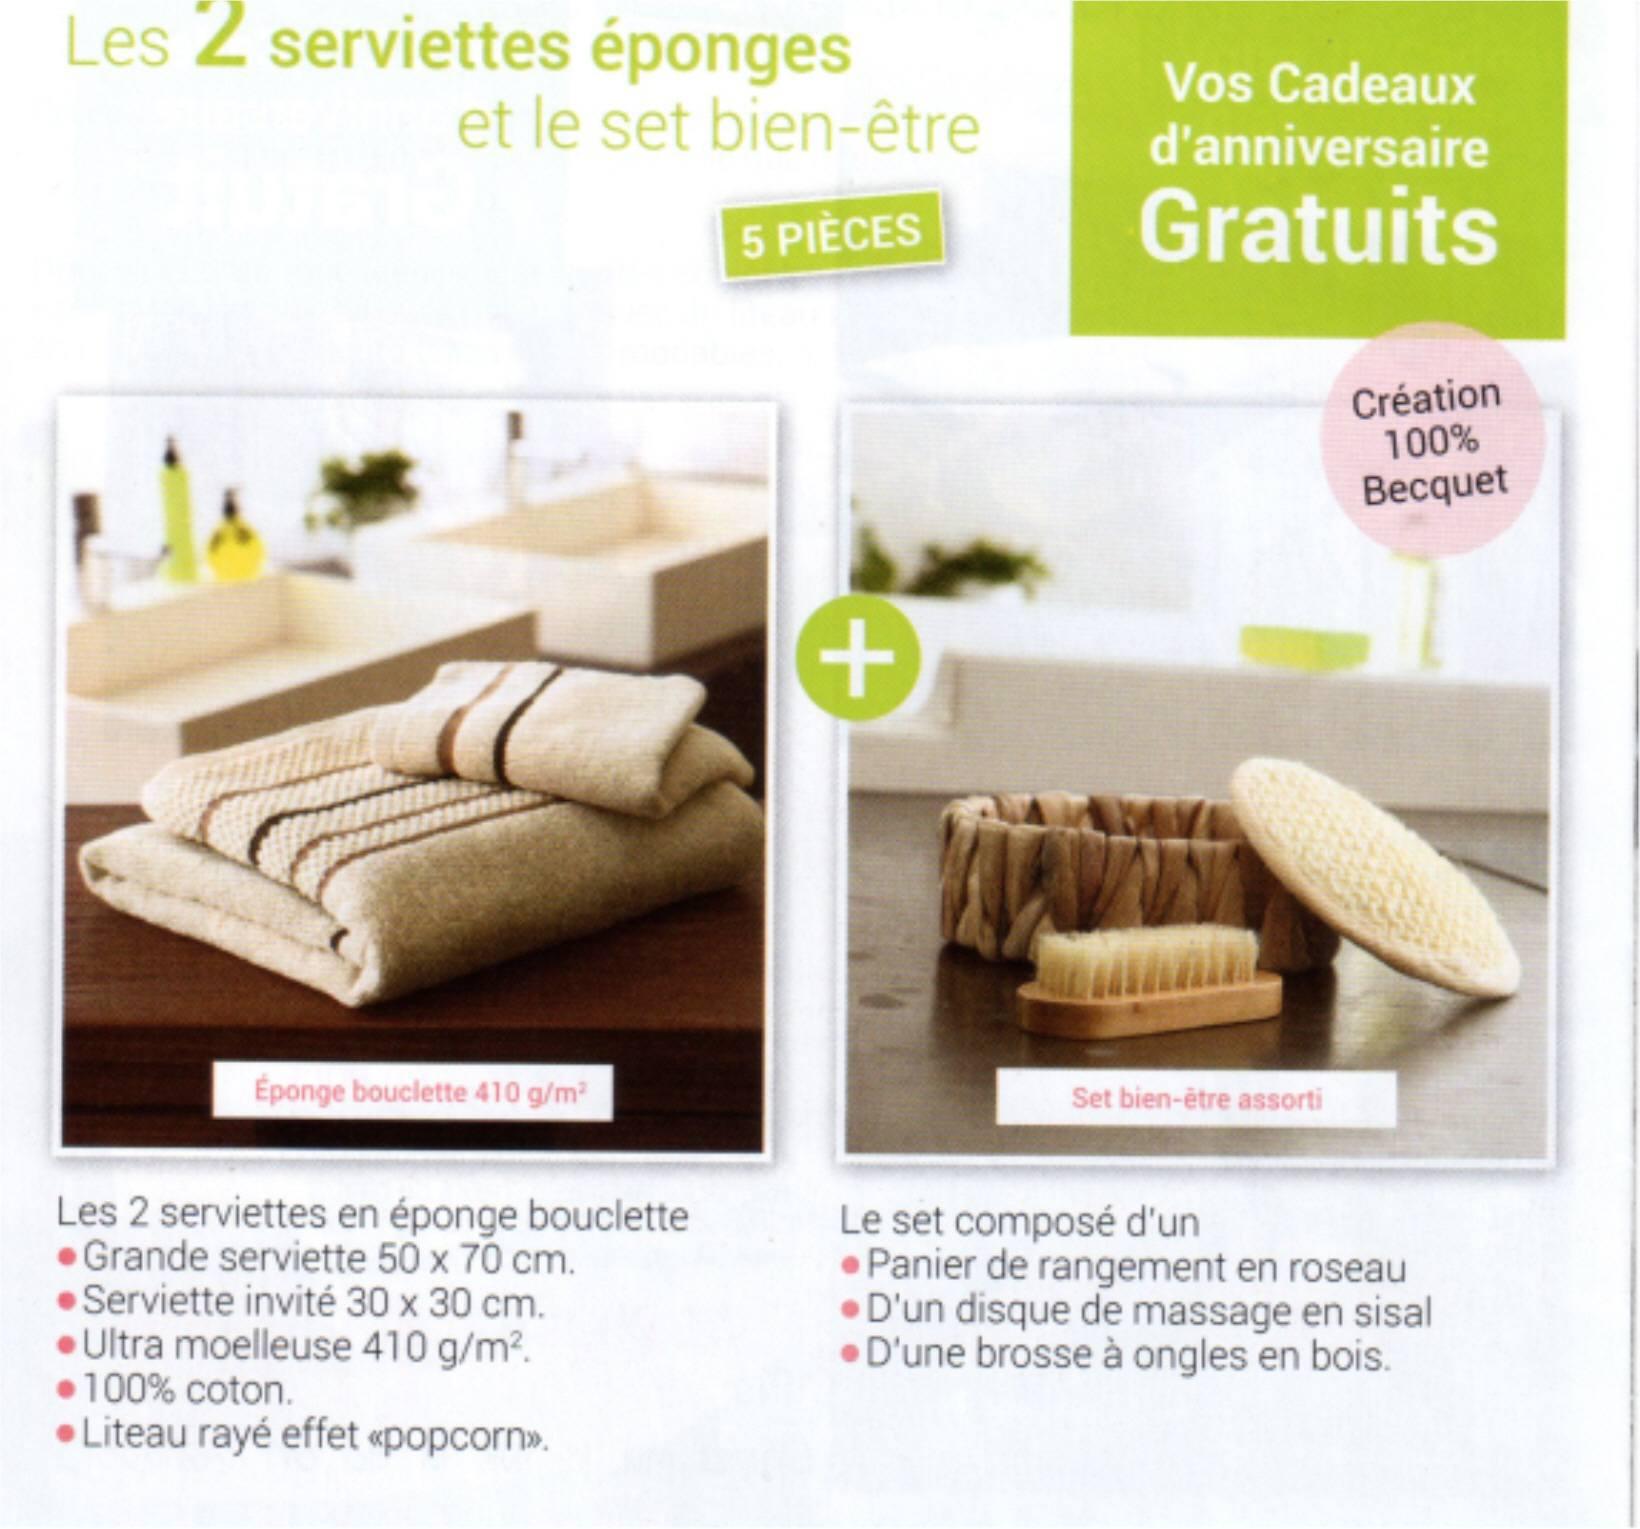 becquet cadeaux les 2 serviettes ponges et le set bien etre 20 60 fpp. Black Bedroom Furniture Sets. Home Design Ideas